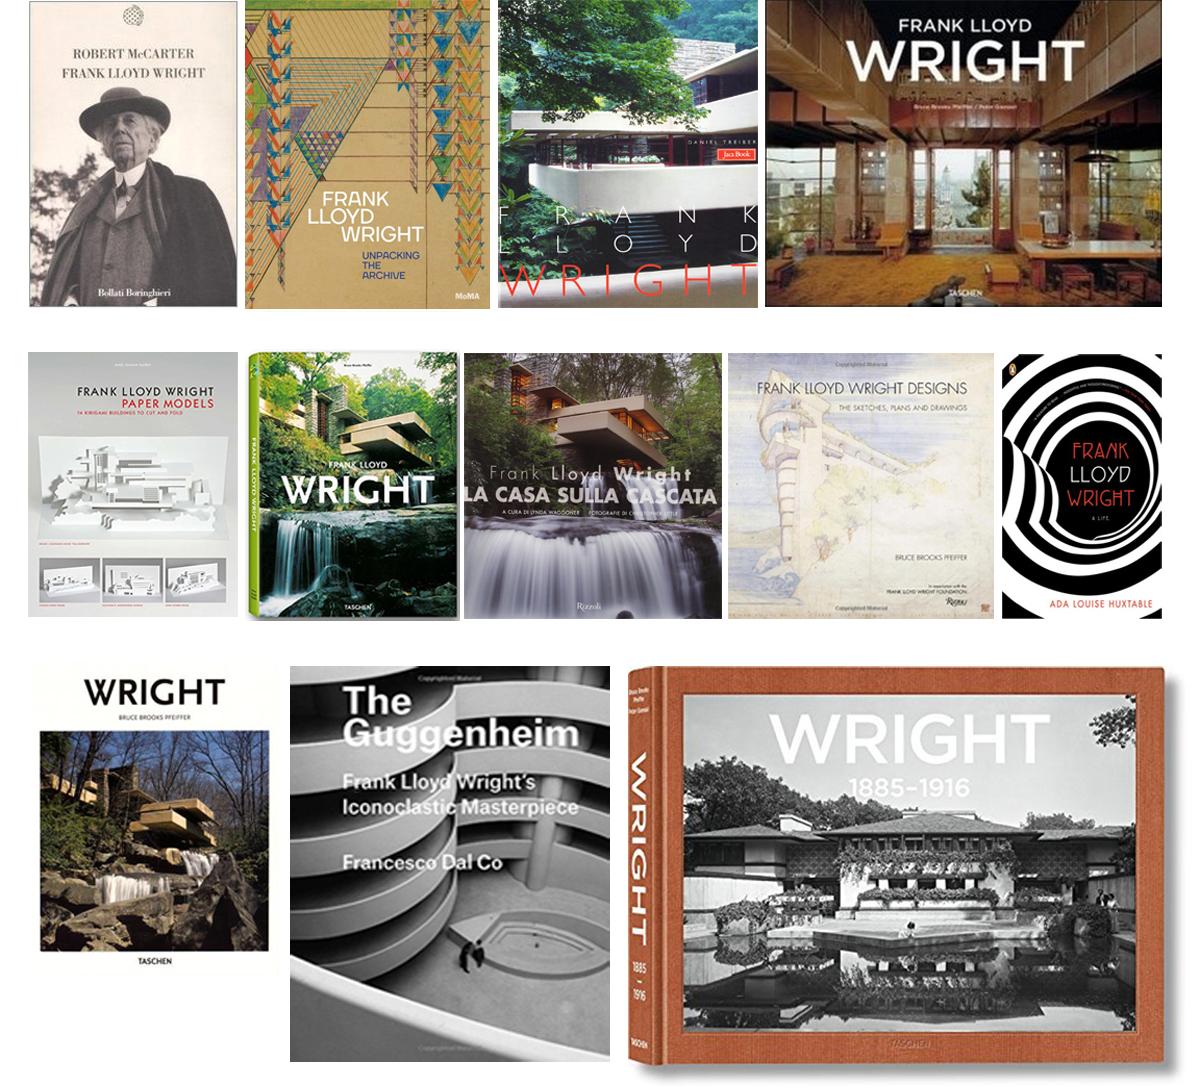 Una mostra dedicata a frank lloyd wright a torino alla for Frank lloyd wright piani per la casa